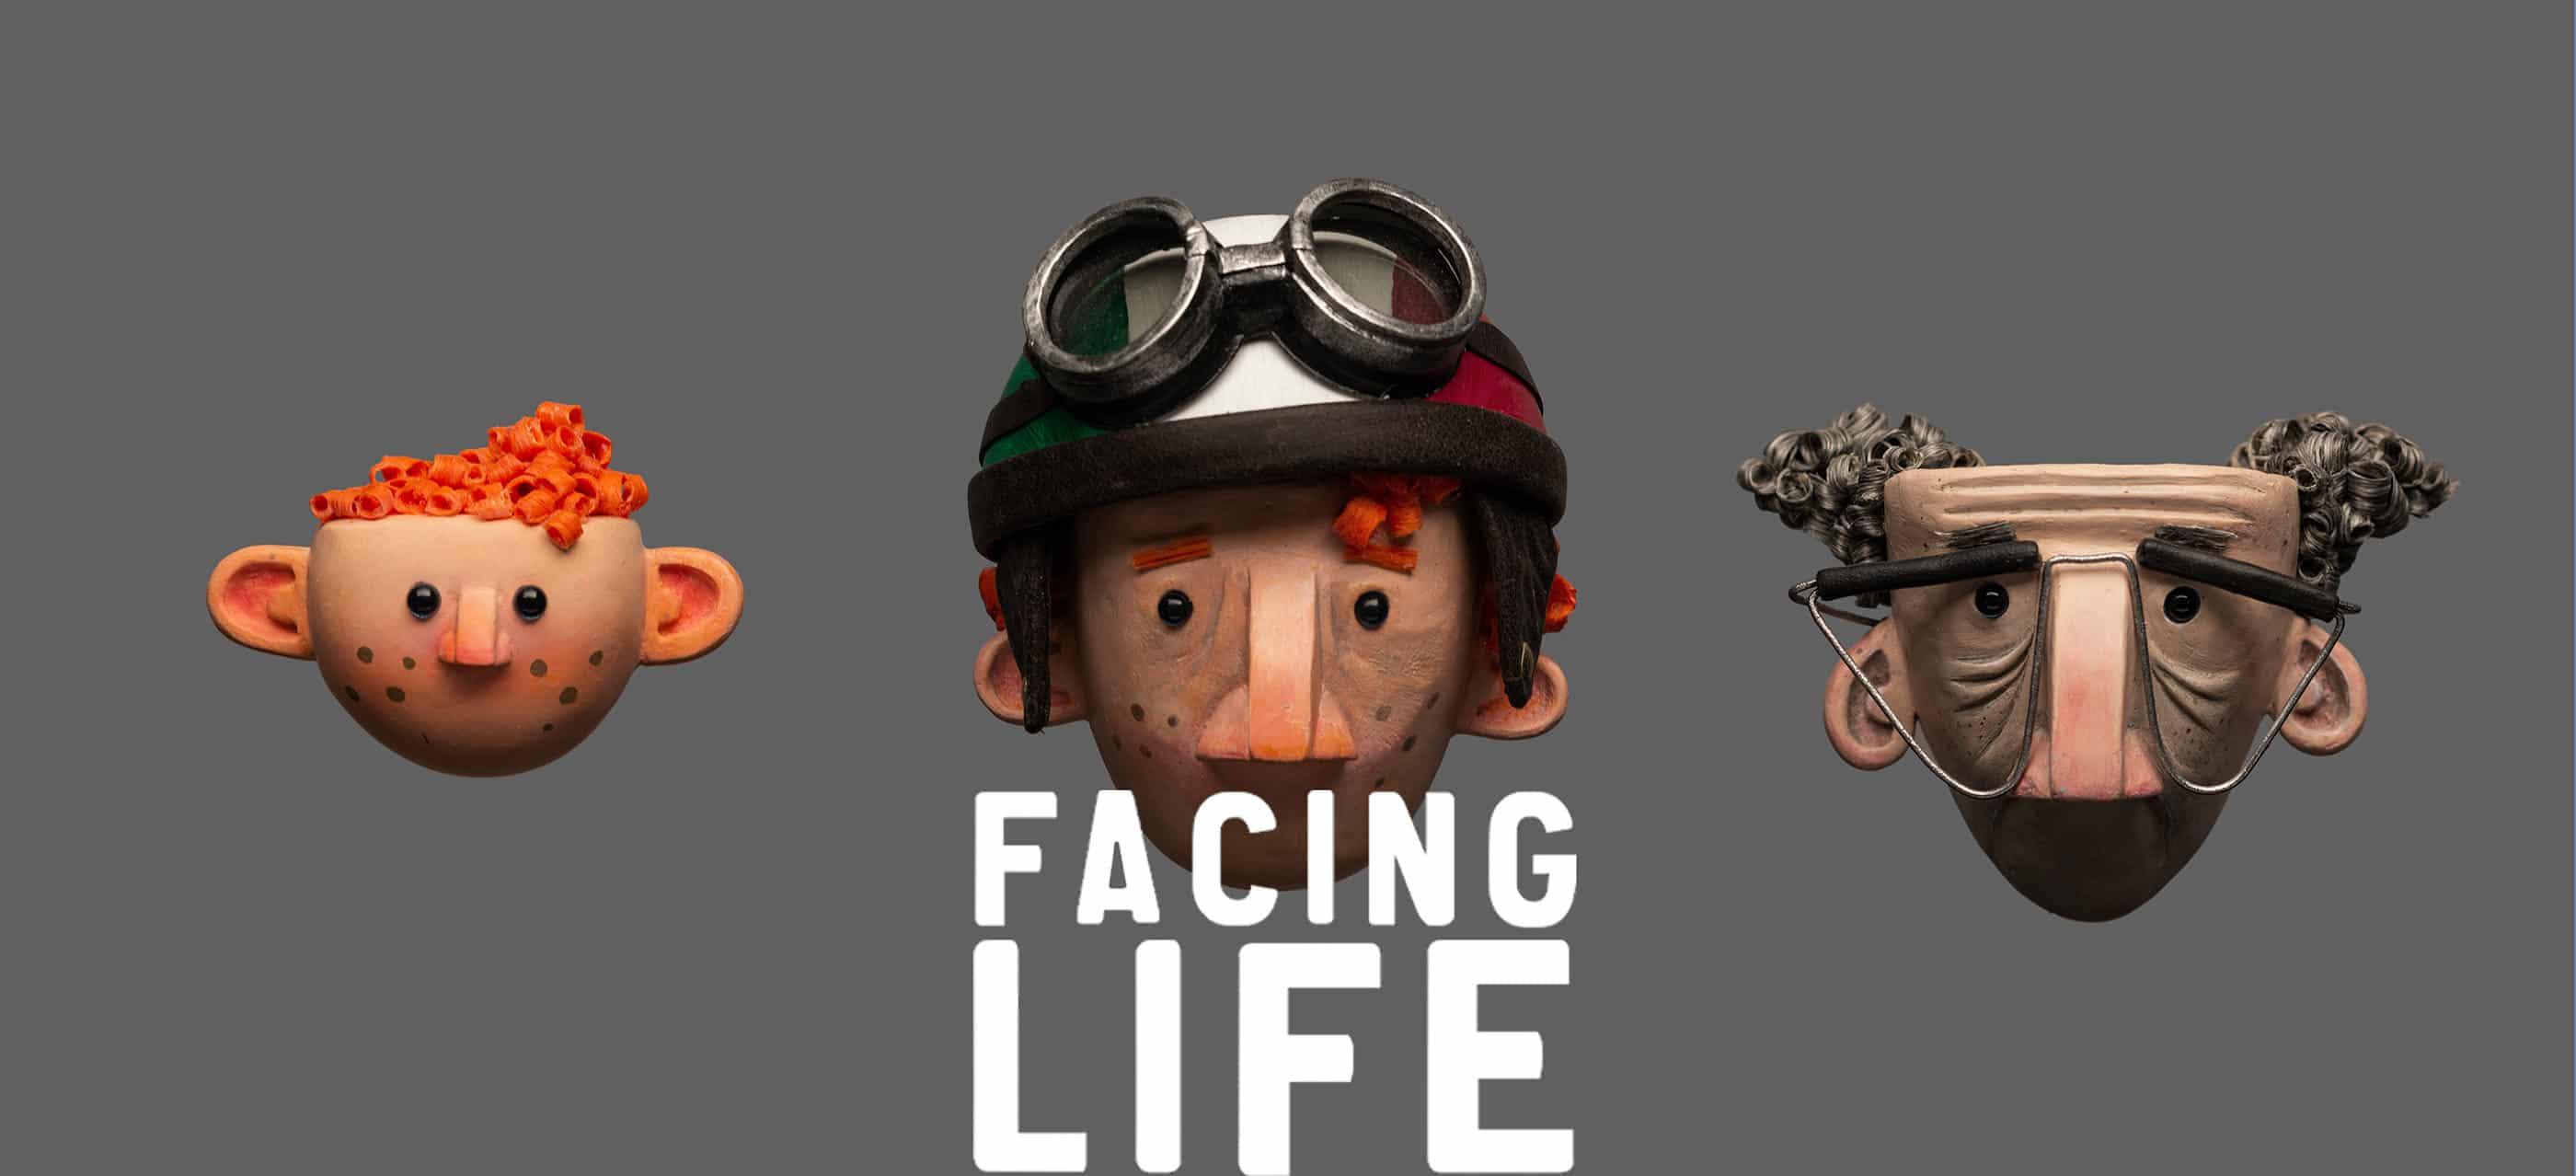 Facing Life 01